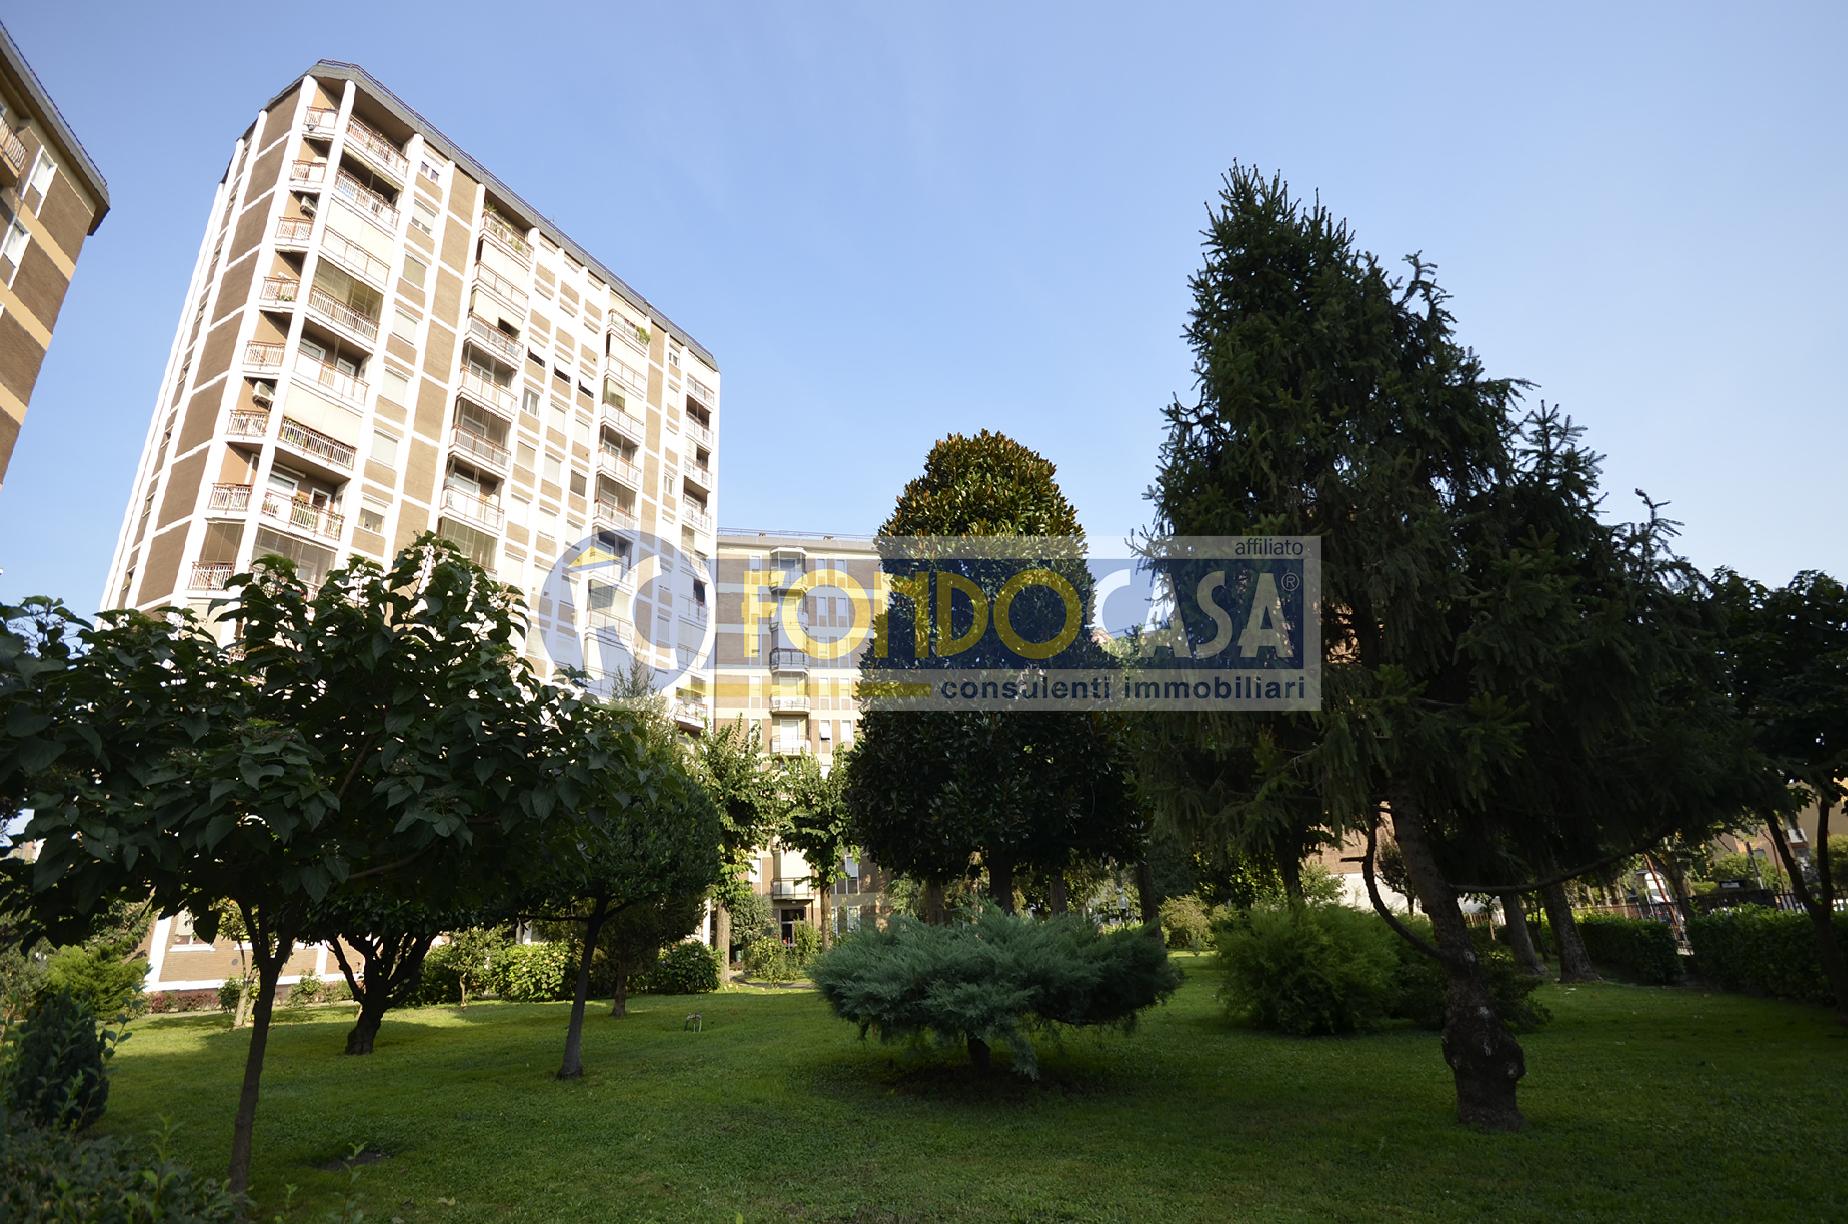 Bilocale San Donato Milanese Via G. Di Vittorio 10